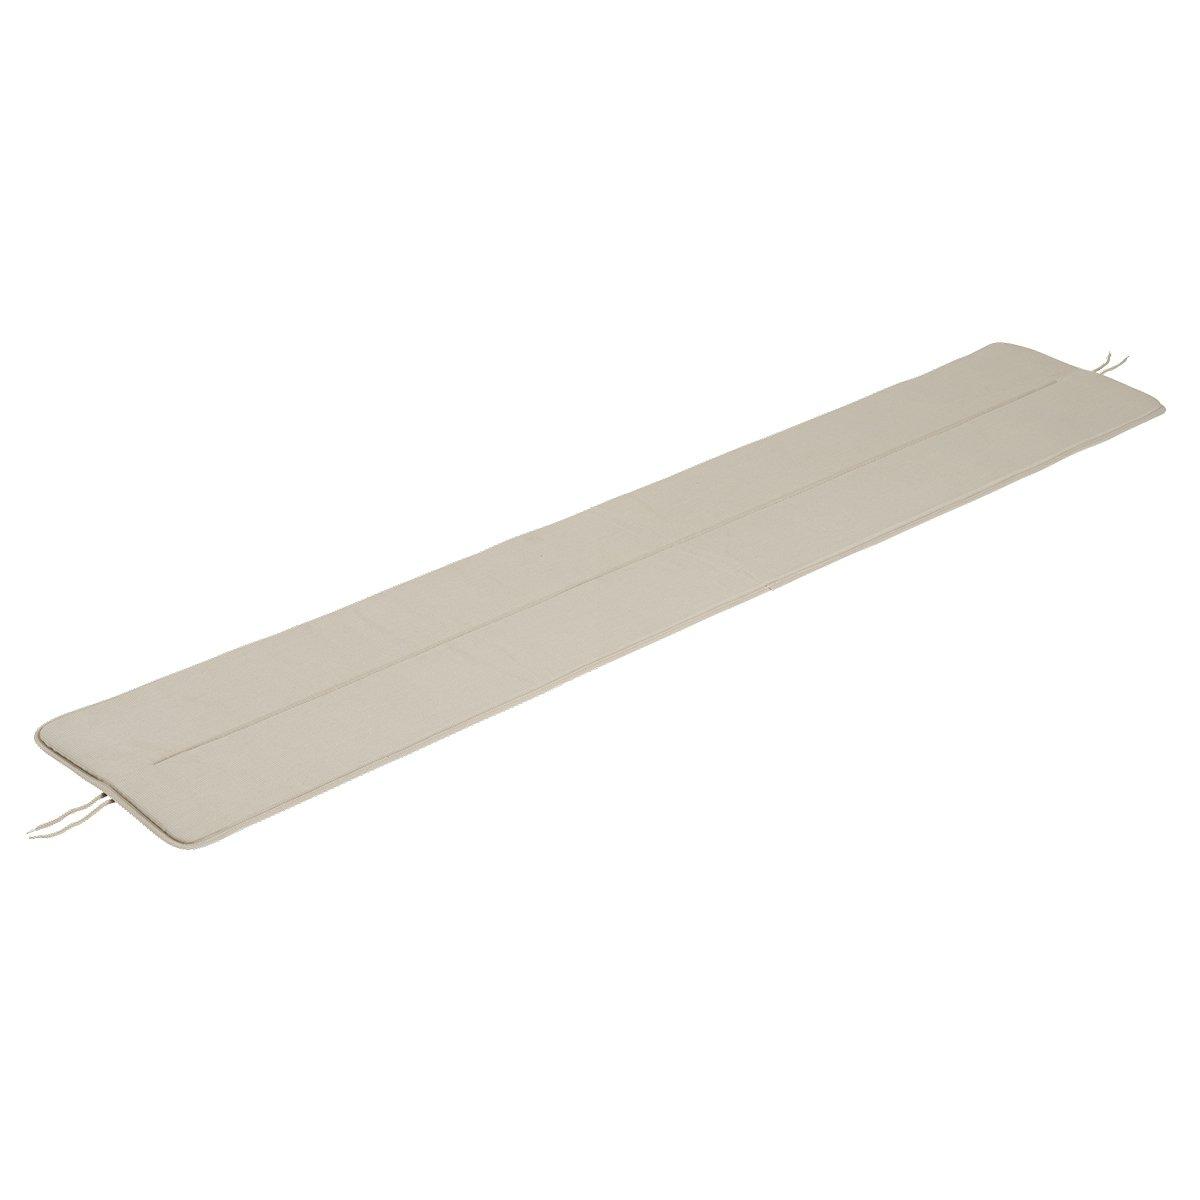 Muuto Linear Steel Bank Zitkussen - 170 cm./Patch Grey